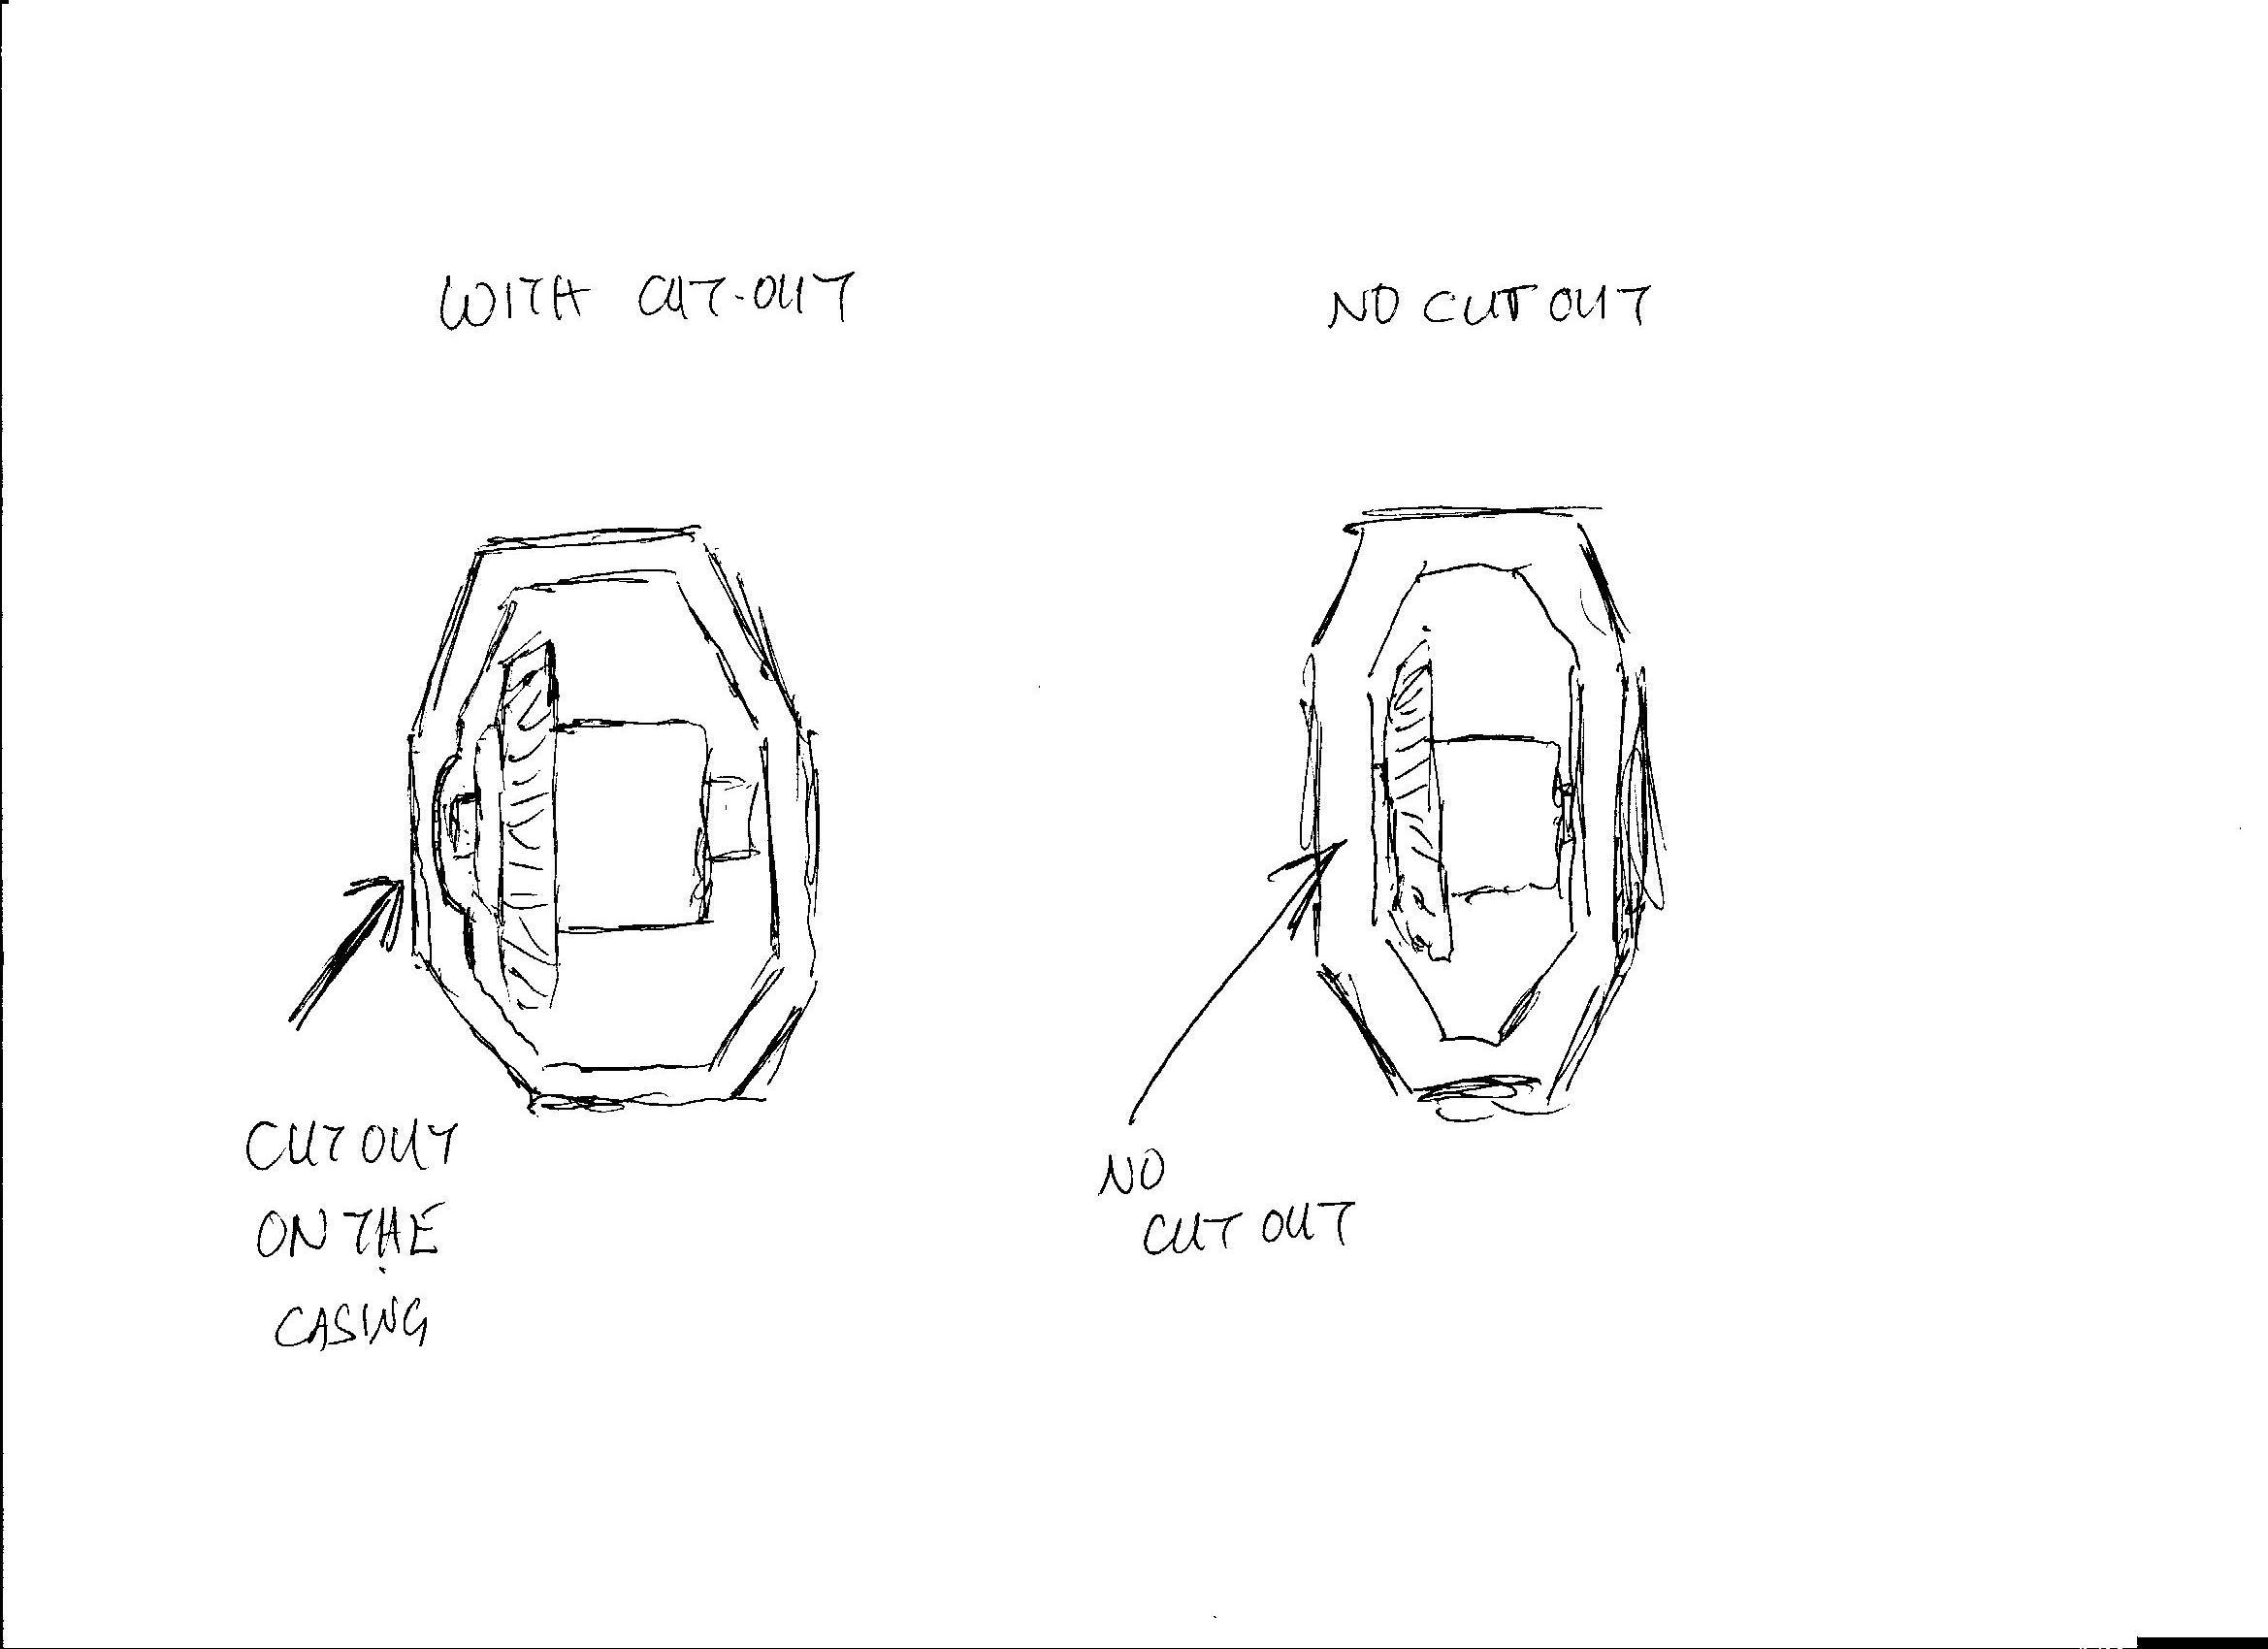 Ring And Pinion Install Kits For Ls400 Supra Mkiv